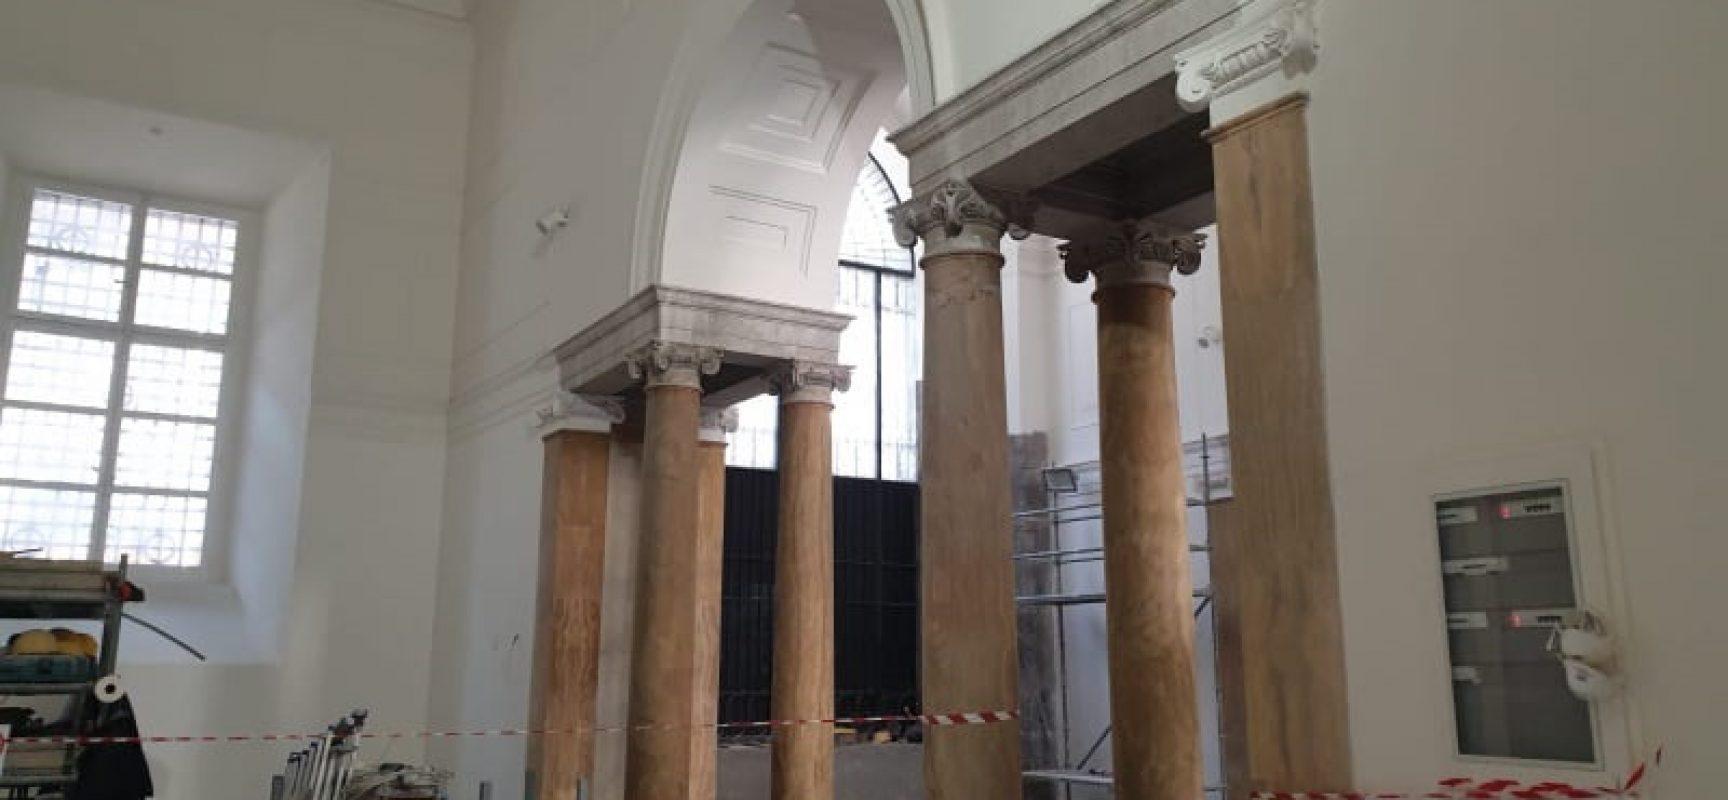 Cucine Usate Campania Napoli cantiere mann, presto nuove sale per statue campania antica